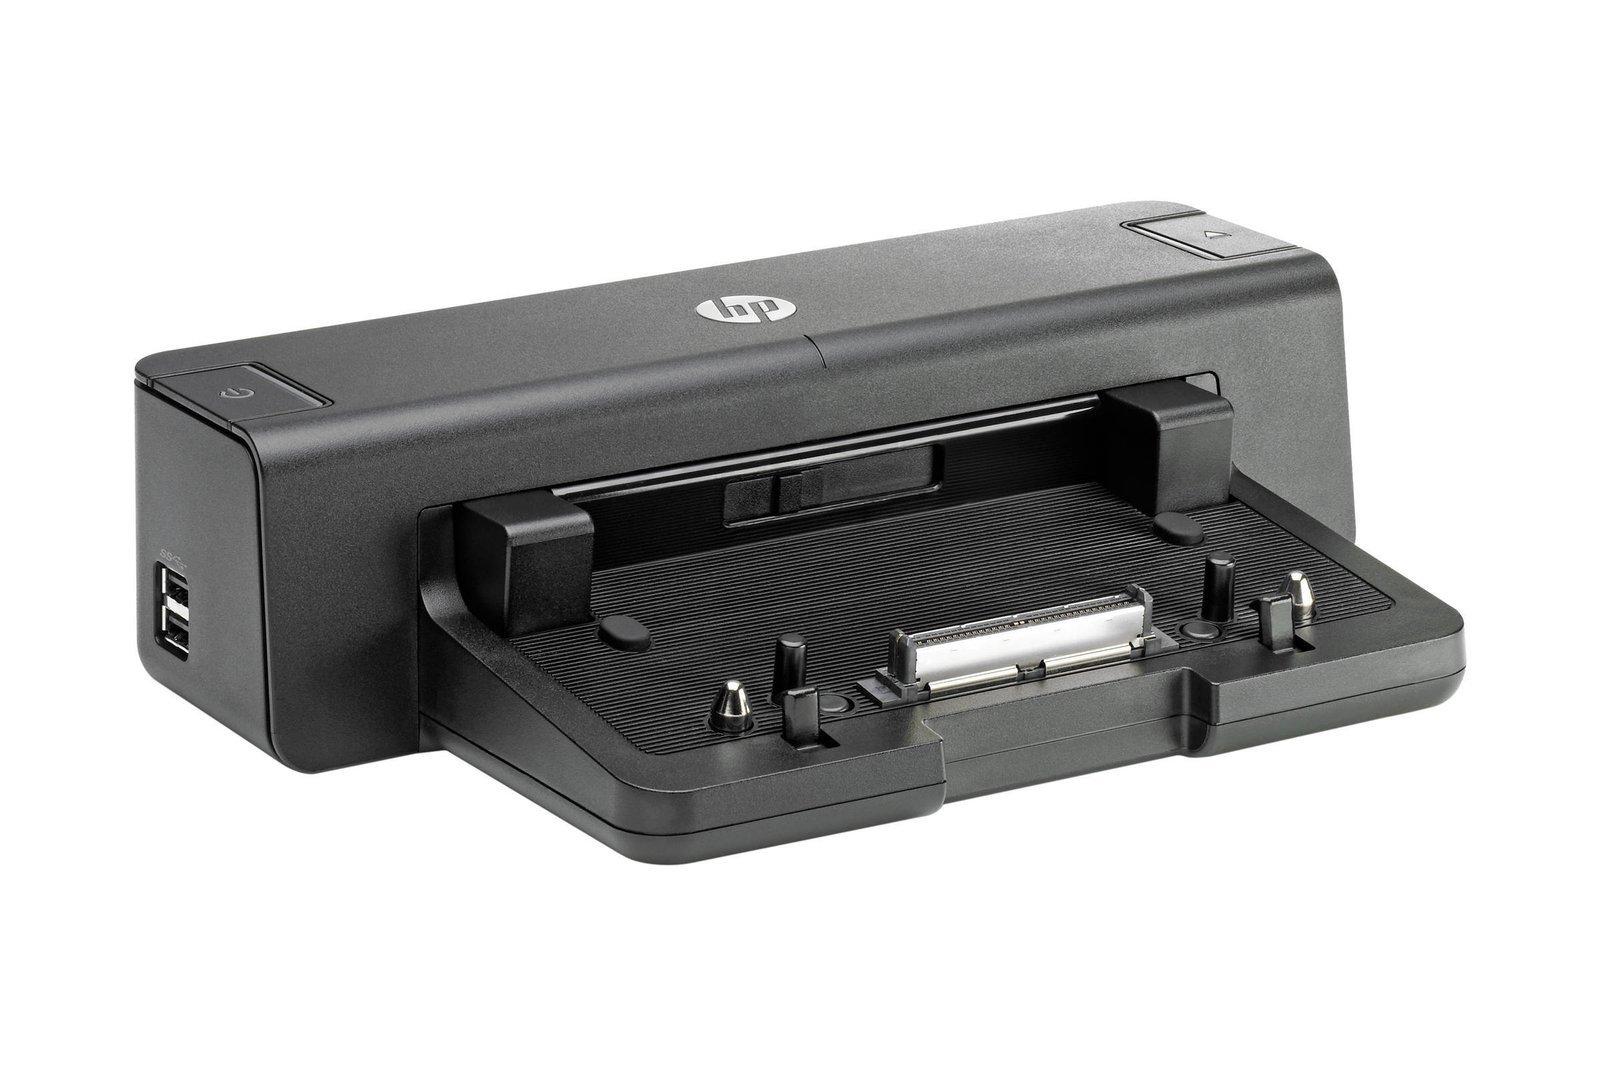 HP 2012 90W Docking Station (A7E32AA) DisplayPort USB DVI